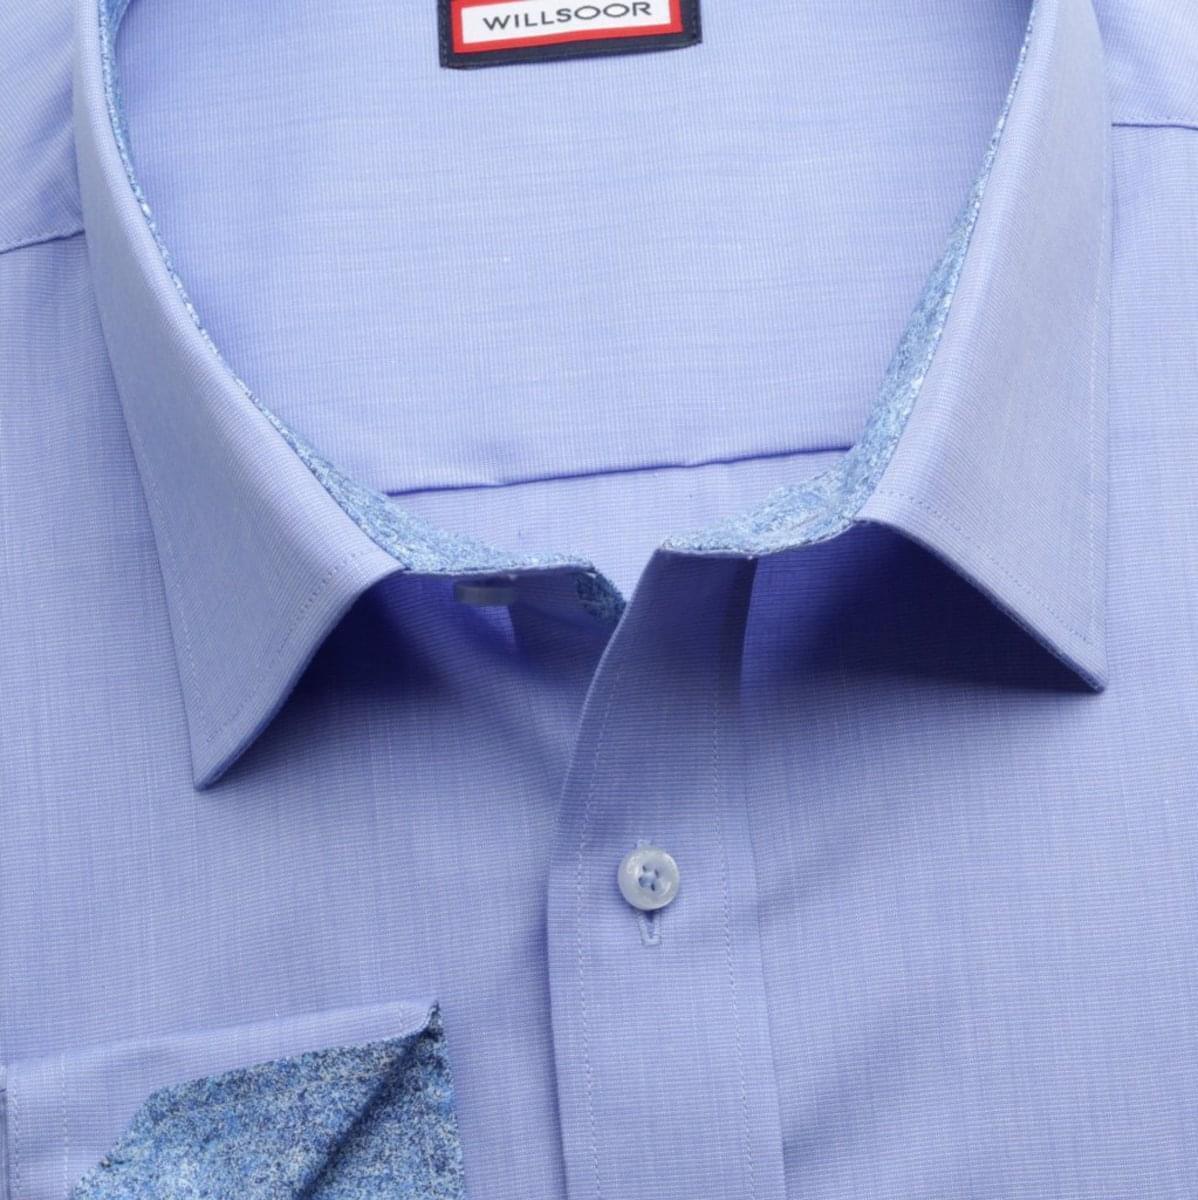 Pánska klasická košeľa (výška 188-194) 6971 v modré farbe s formulou Easy Care 188-194 / 47/48